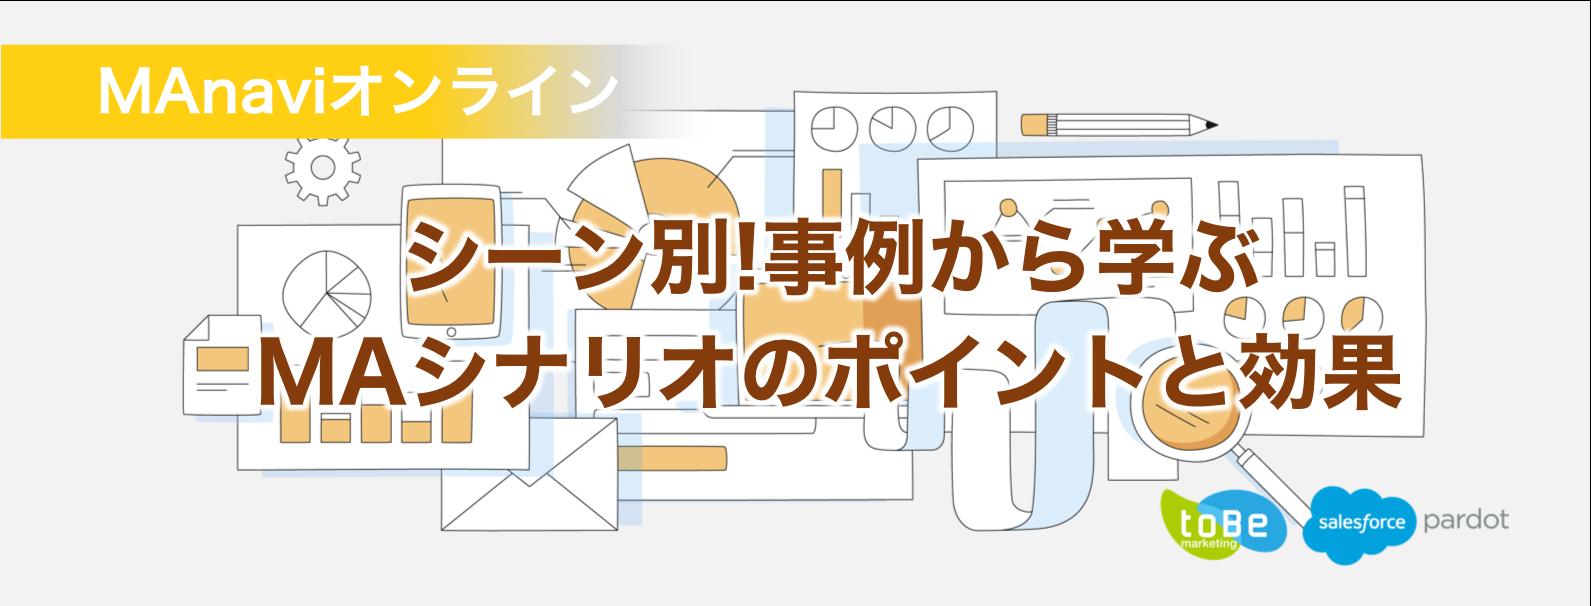 【MAnaviオンライン】シーン別!事例から学ぶMAシナリオのポイントと効果